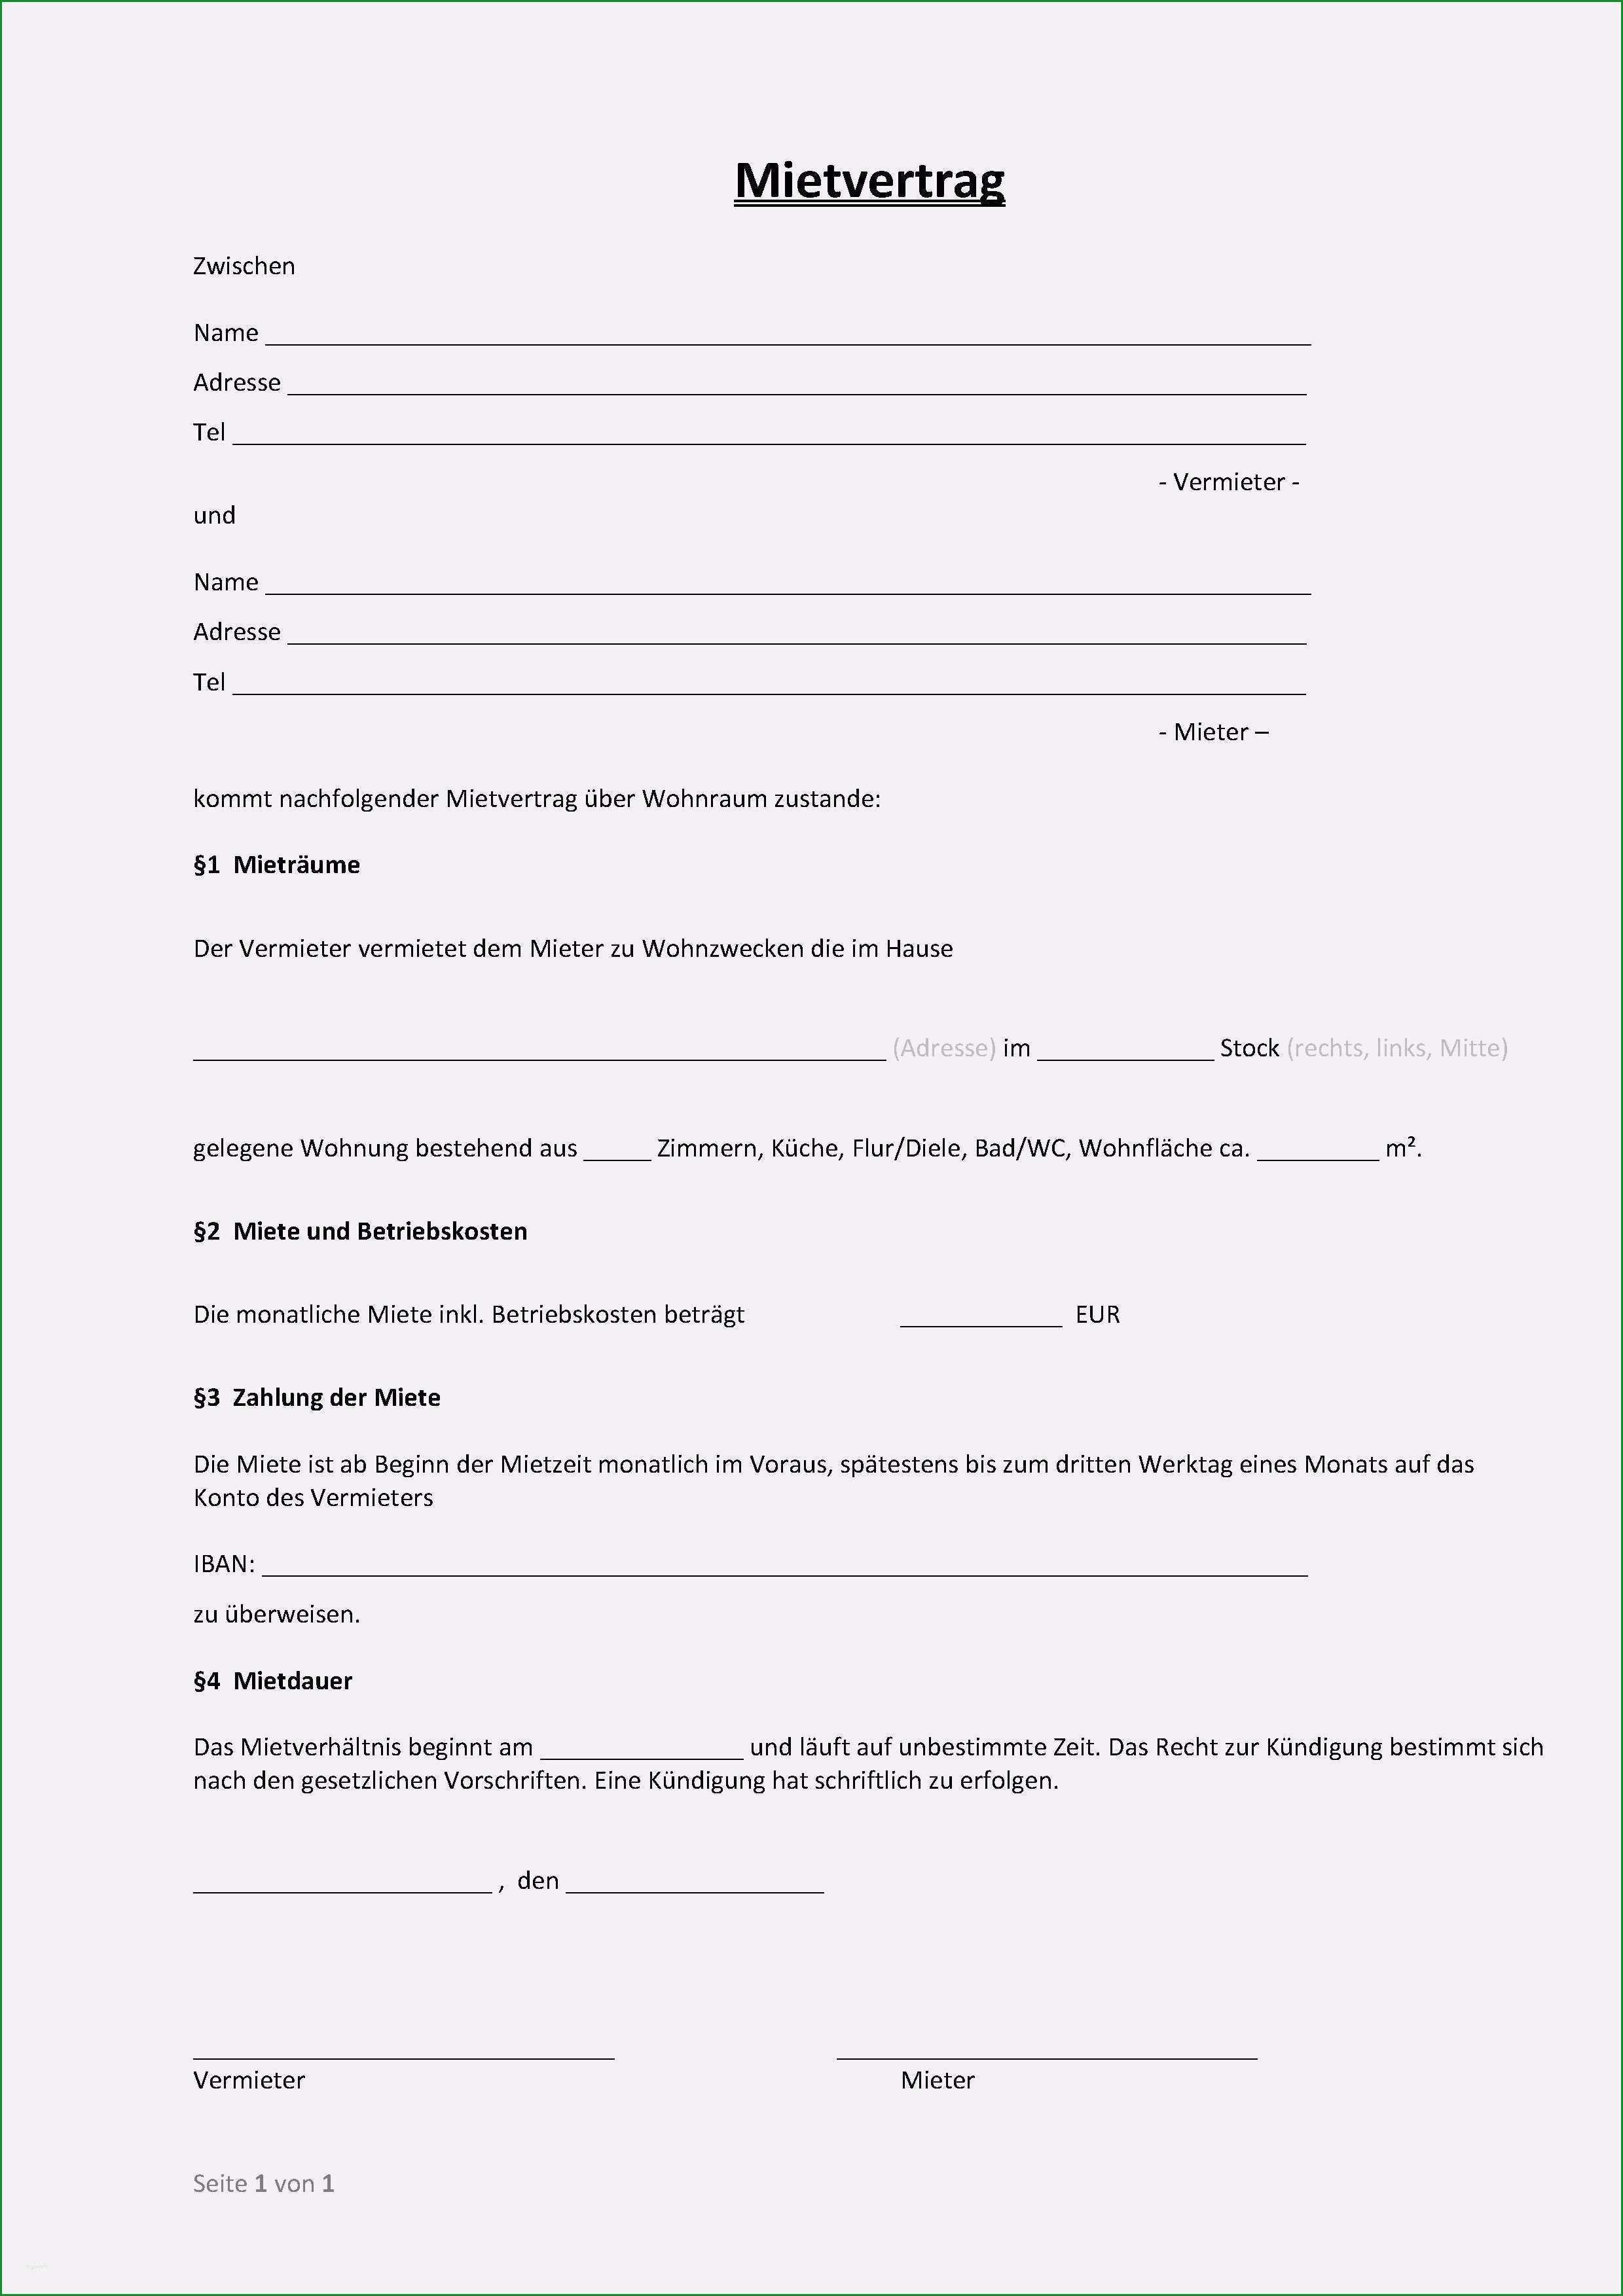 mietvertrag vorlage word einzigartig einfacher mietvertrag wo wohnung steuern vertrag